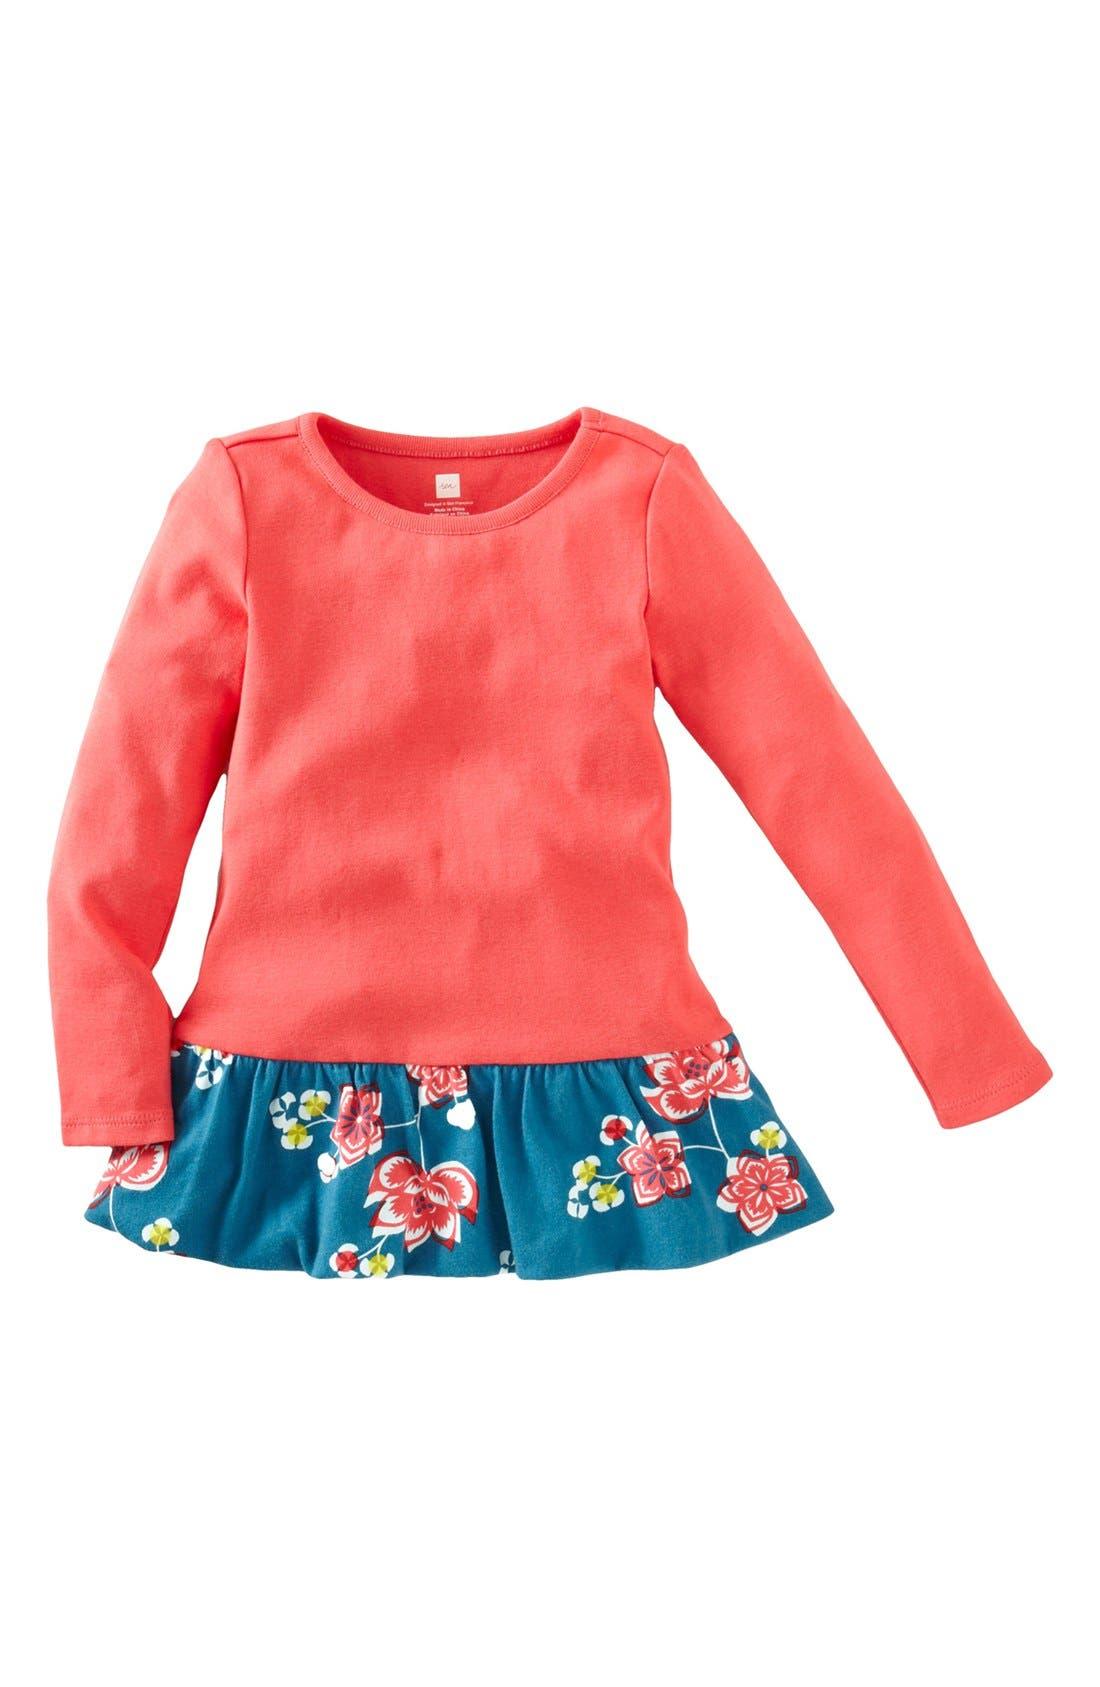 Main Image - Tea Collection 'Jianzhi' Bubble Top (Toddler Girls)